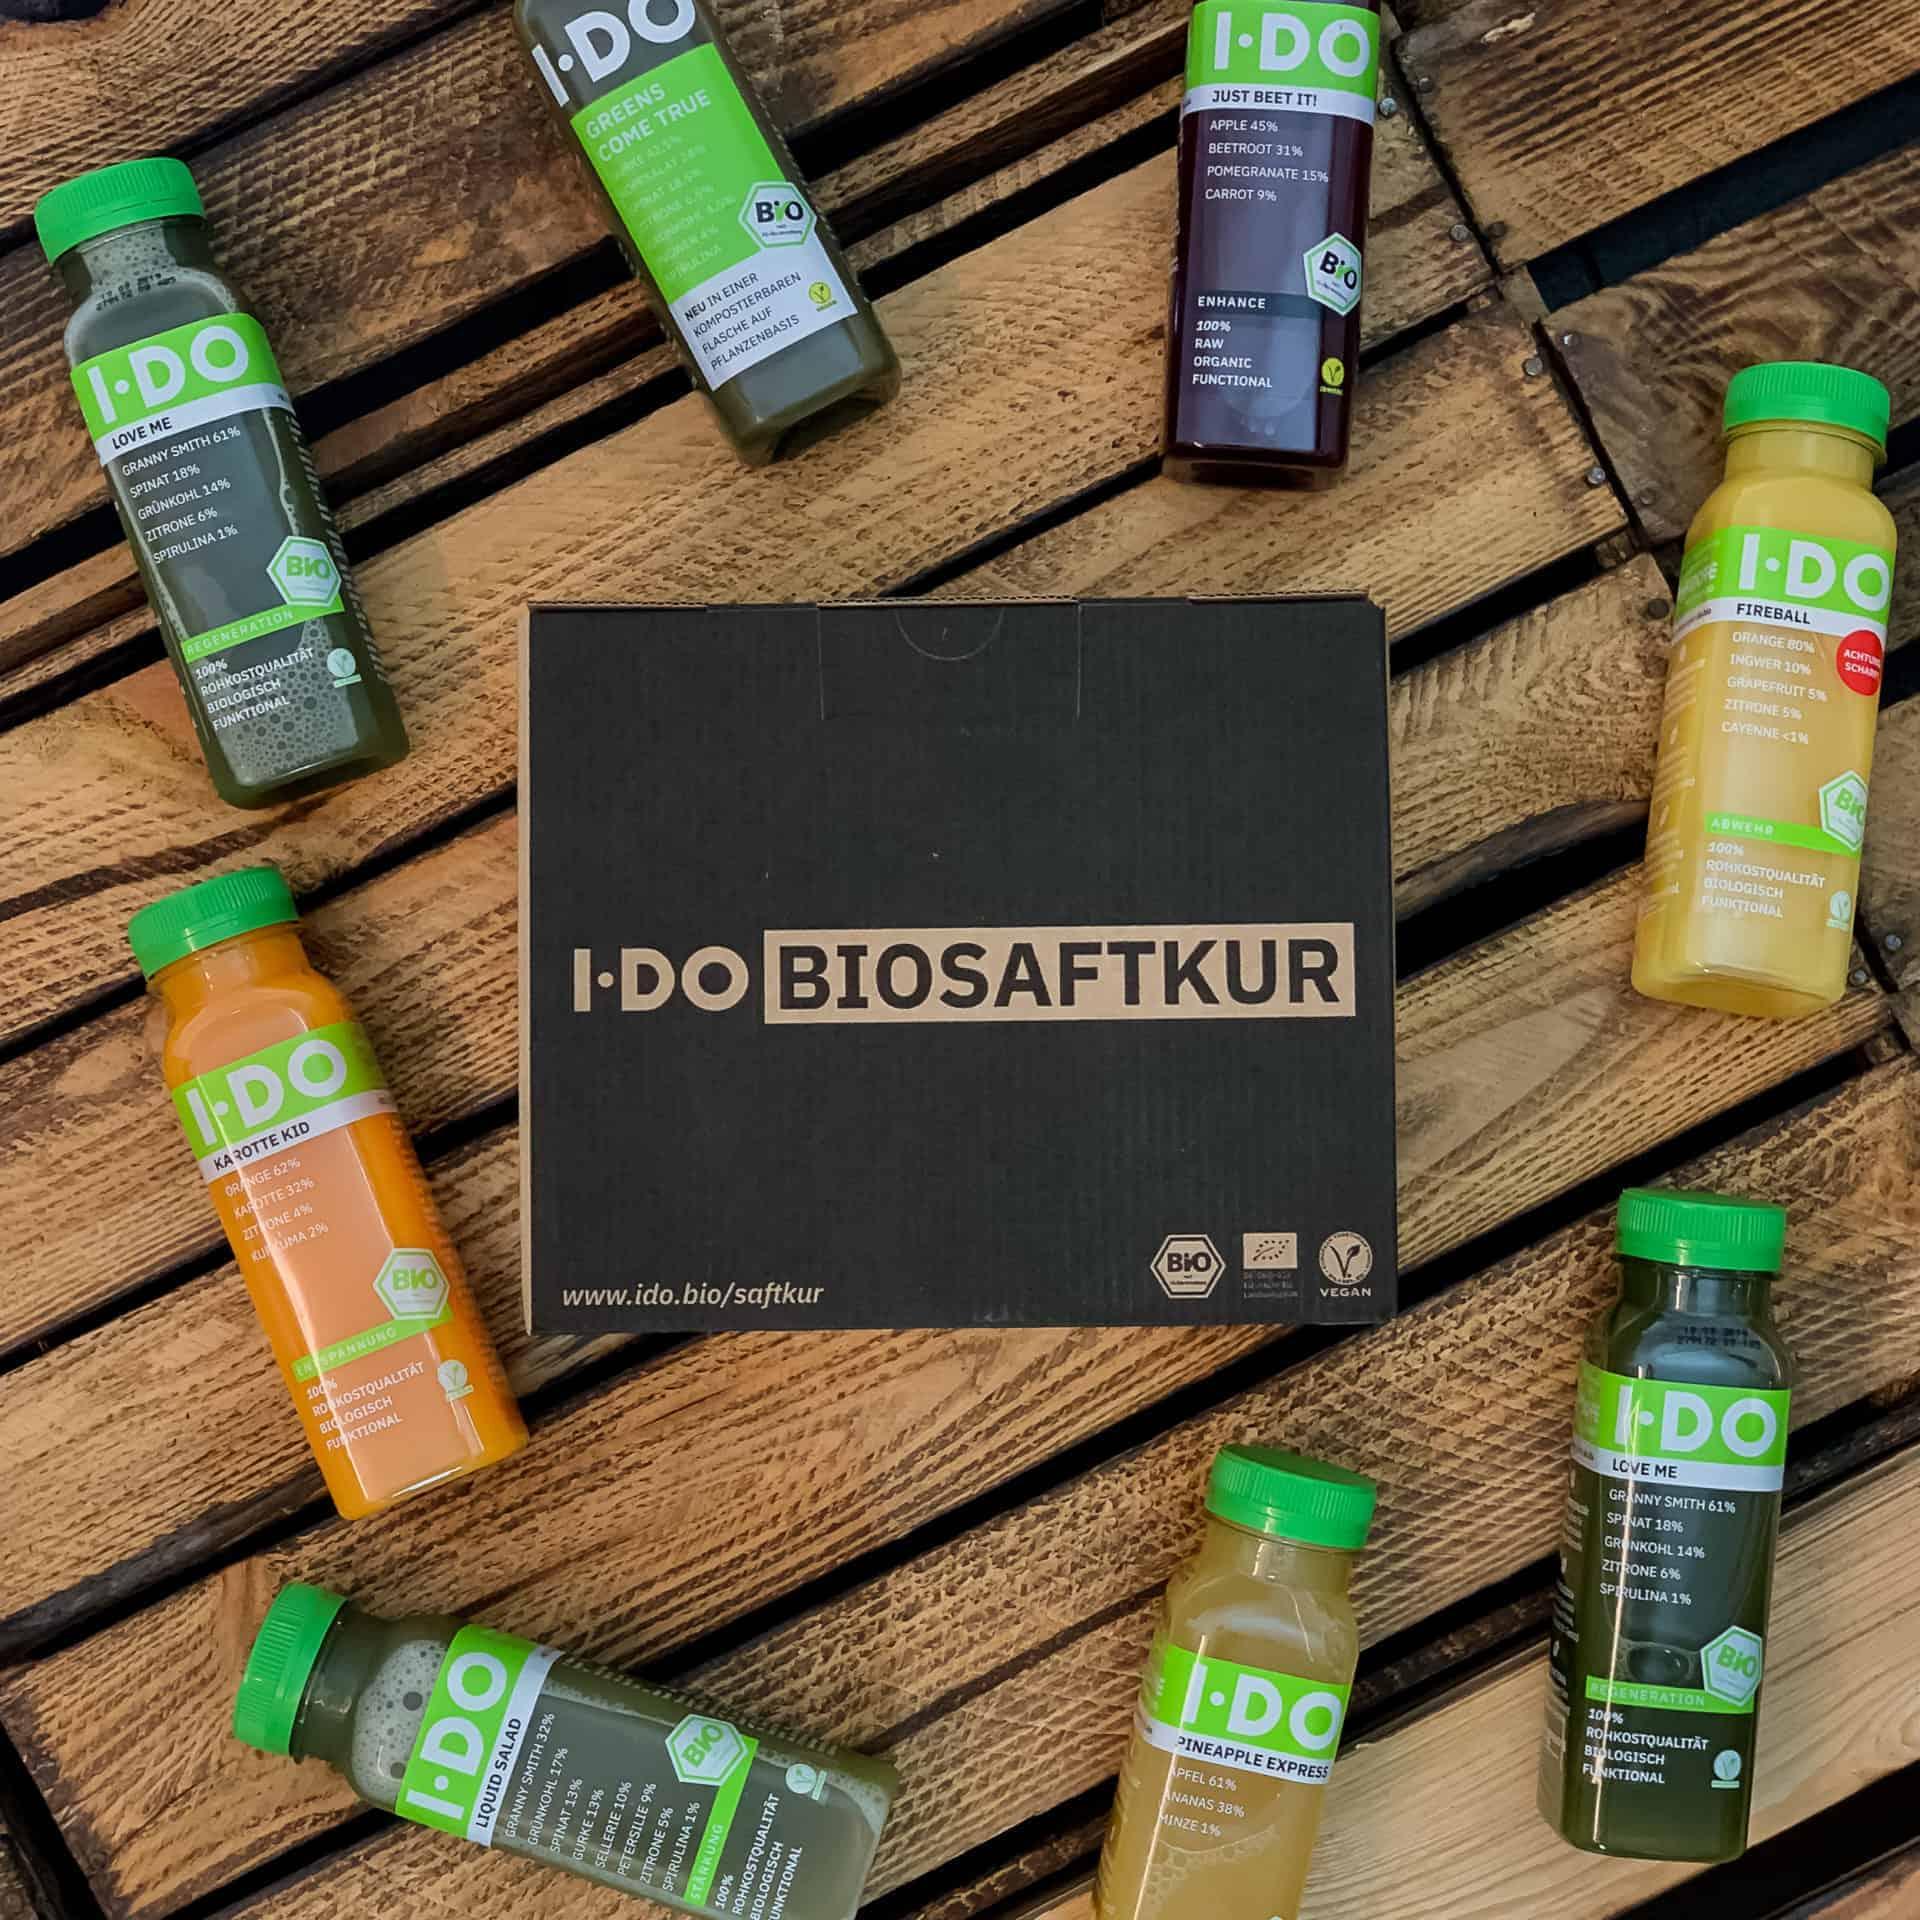 IDO Bio Saftkur 8er Tagesbox mit den verschiedenen Säften